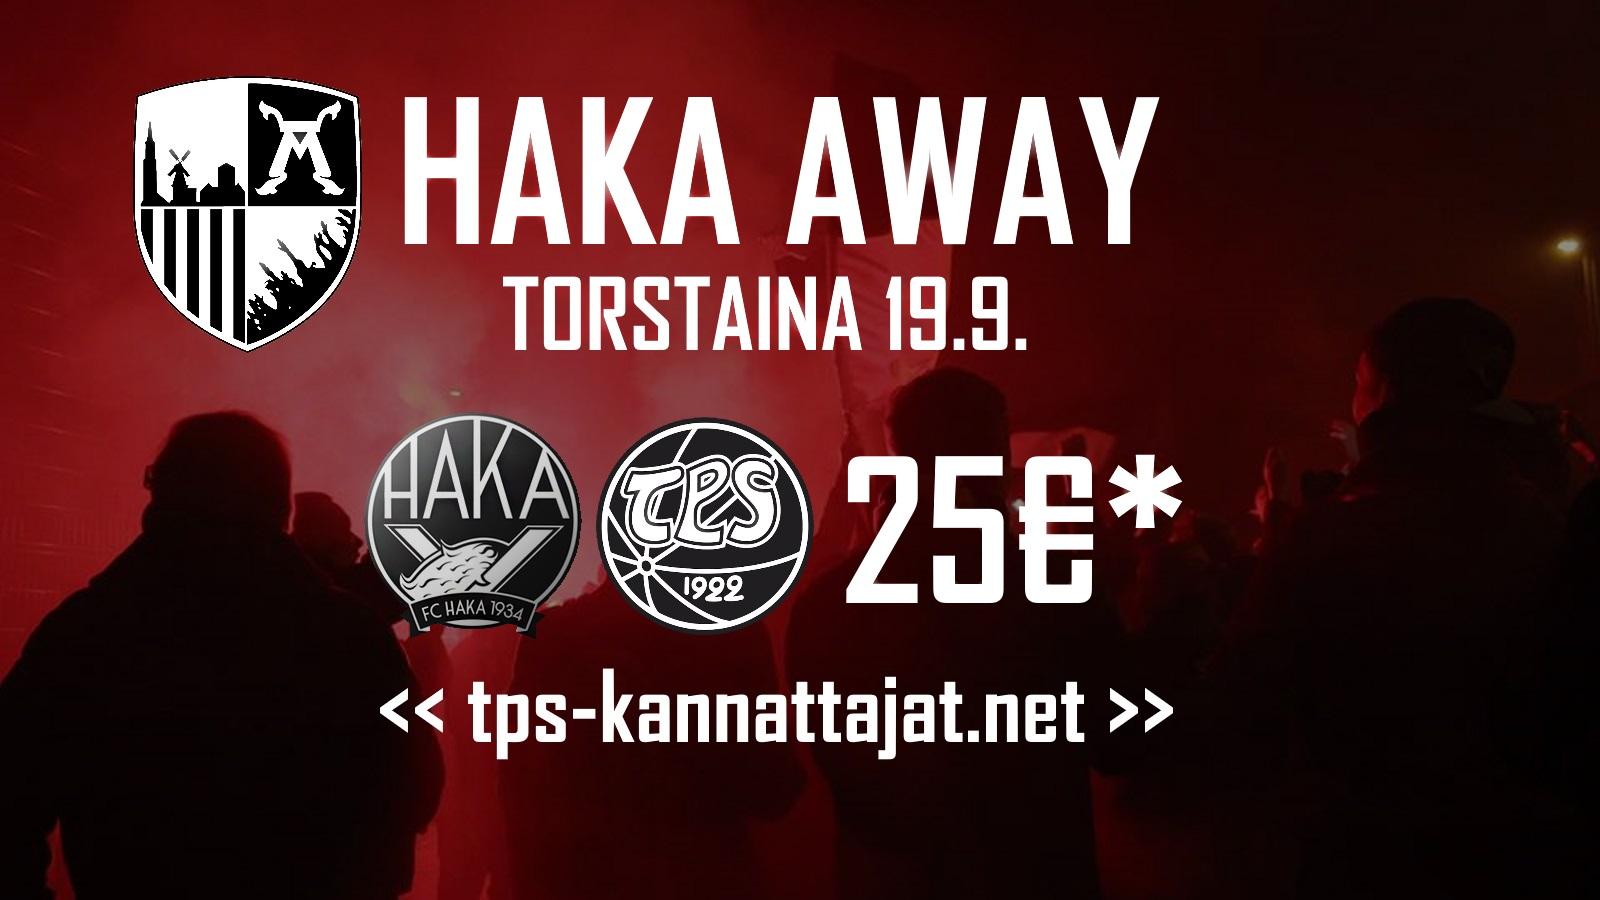 Kannattajamatka: FC Haka – TPS torstaina 19.9.